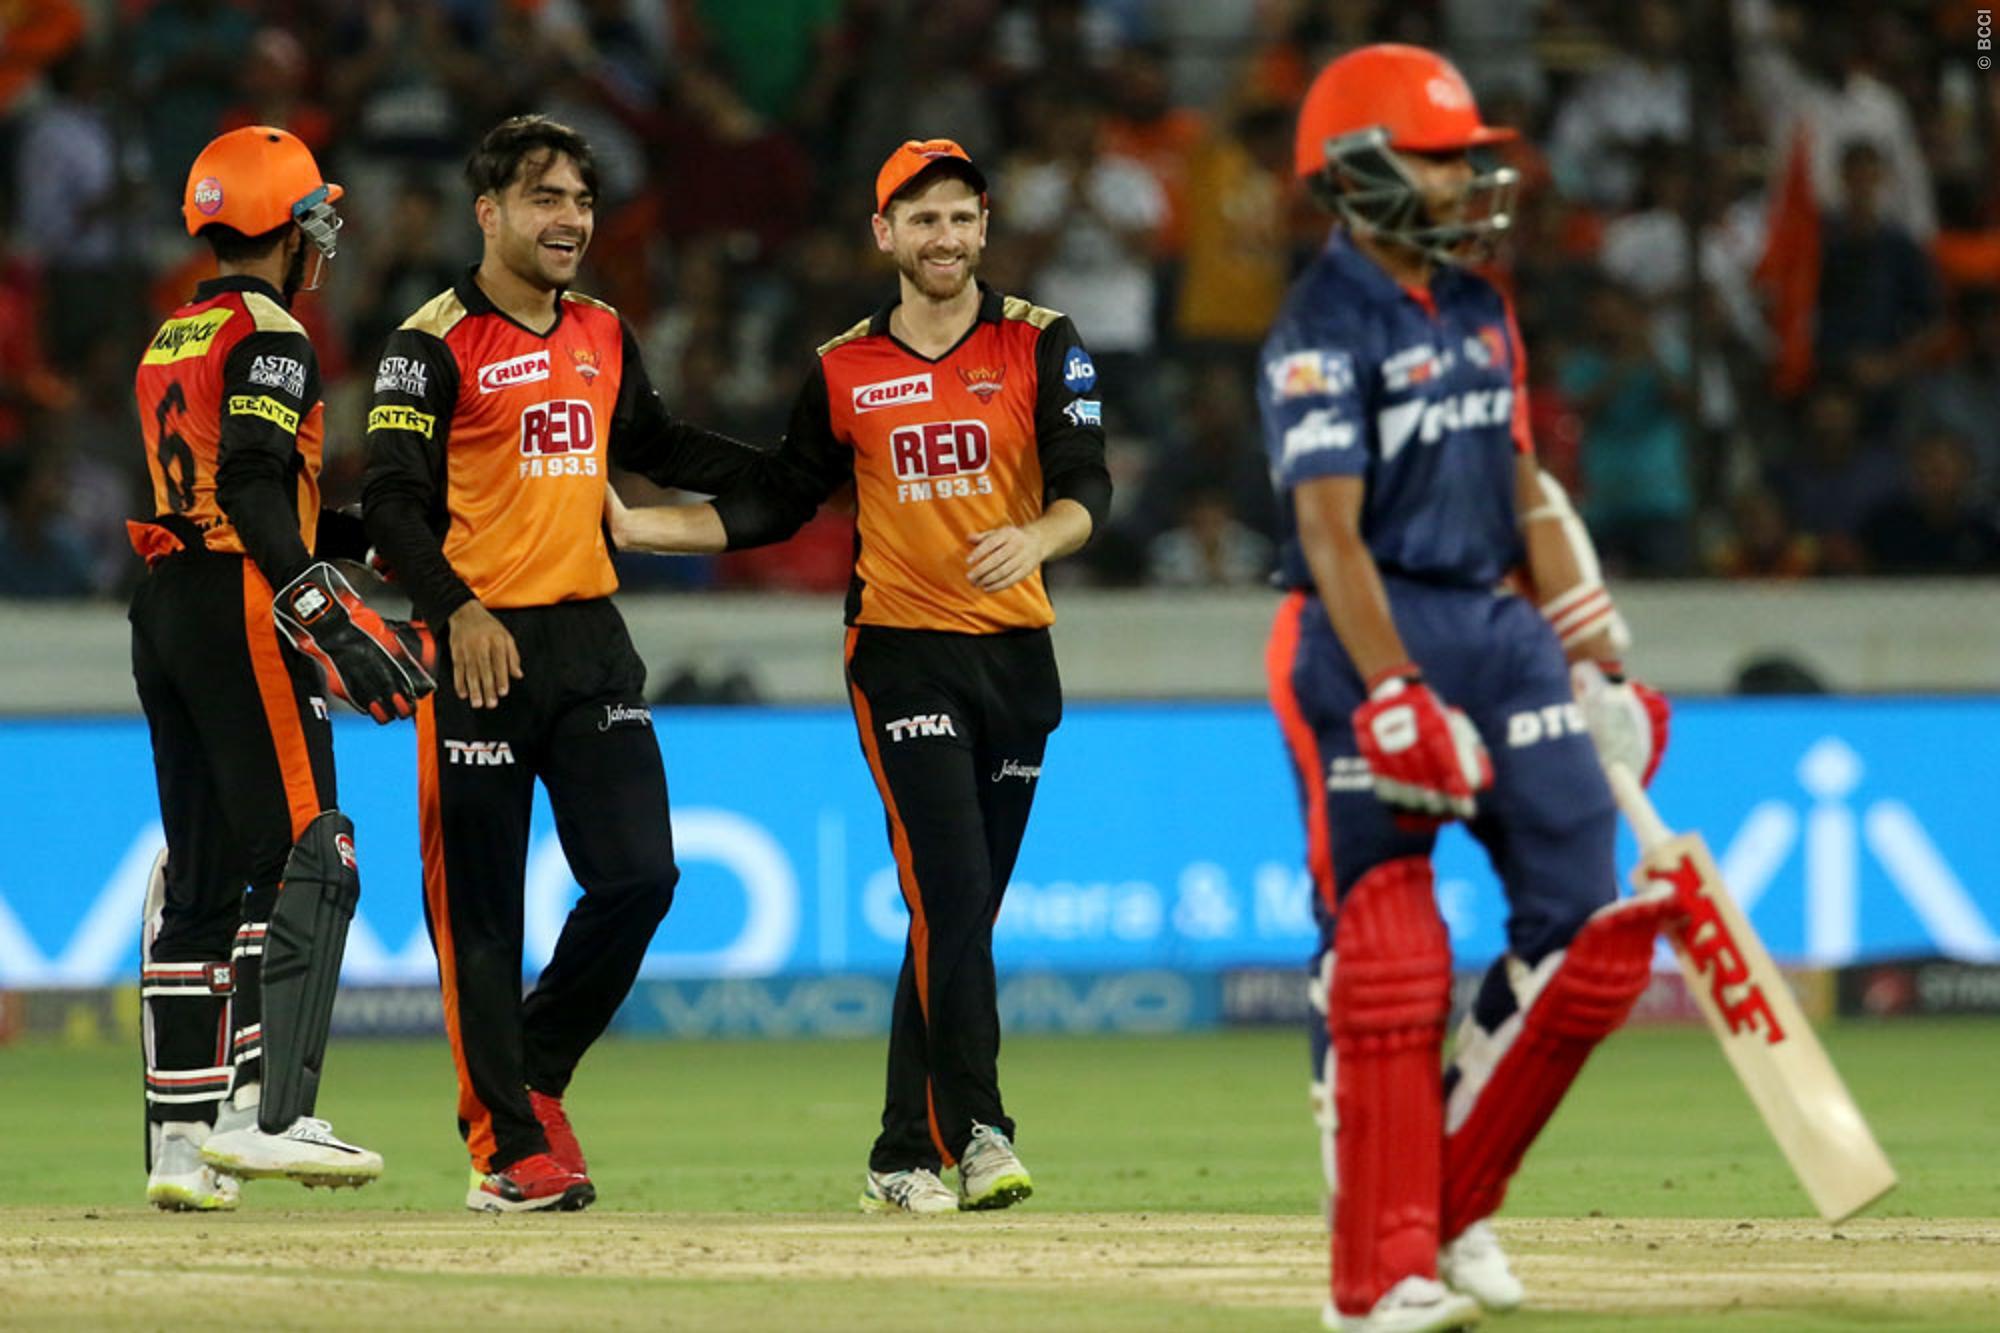 IPL 2018: युसूफ पठान के तूफ़ान में उड़ी दिल्ली, सनराइजर्स ने 7 विकेट से दिया मात 17